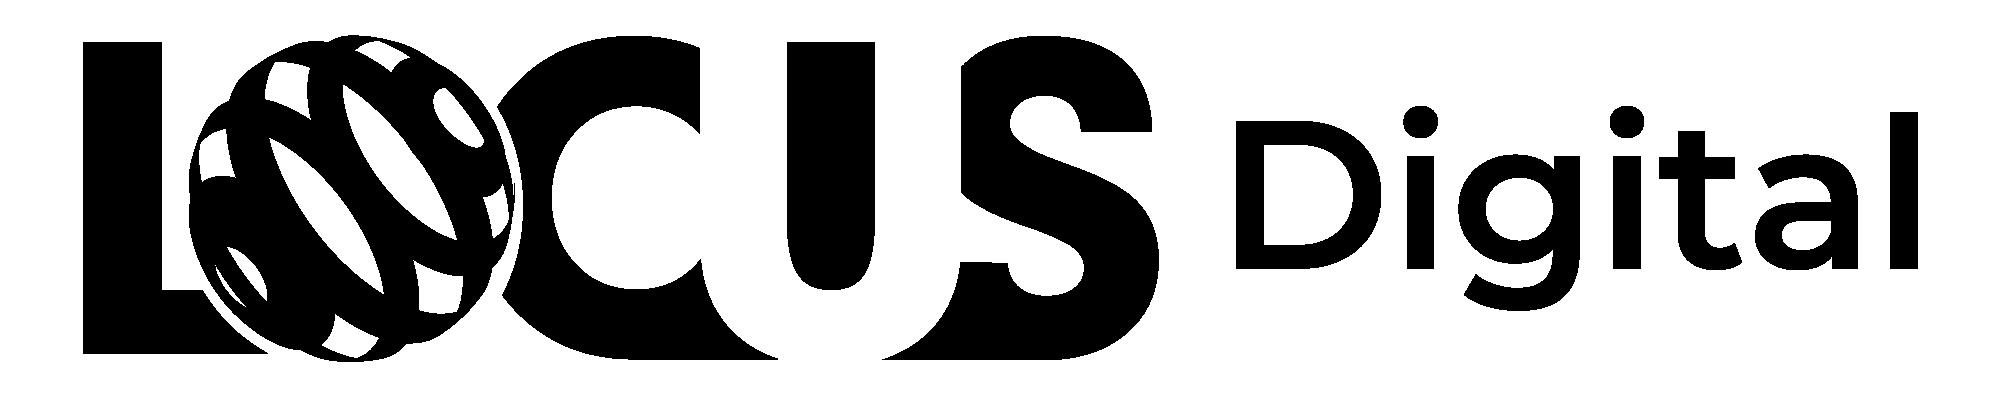 Locus Digital